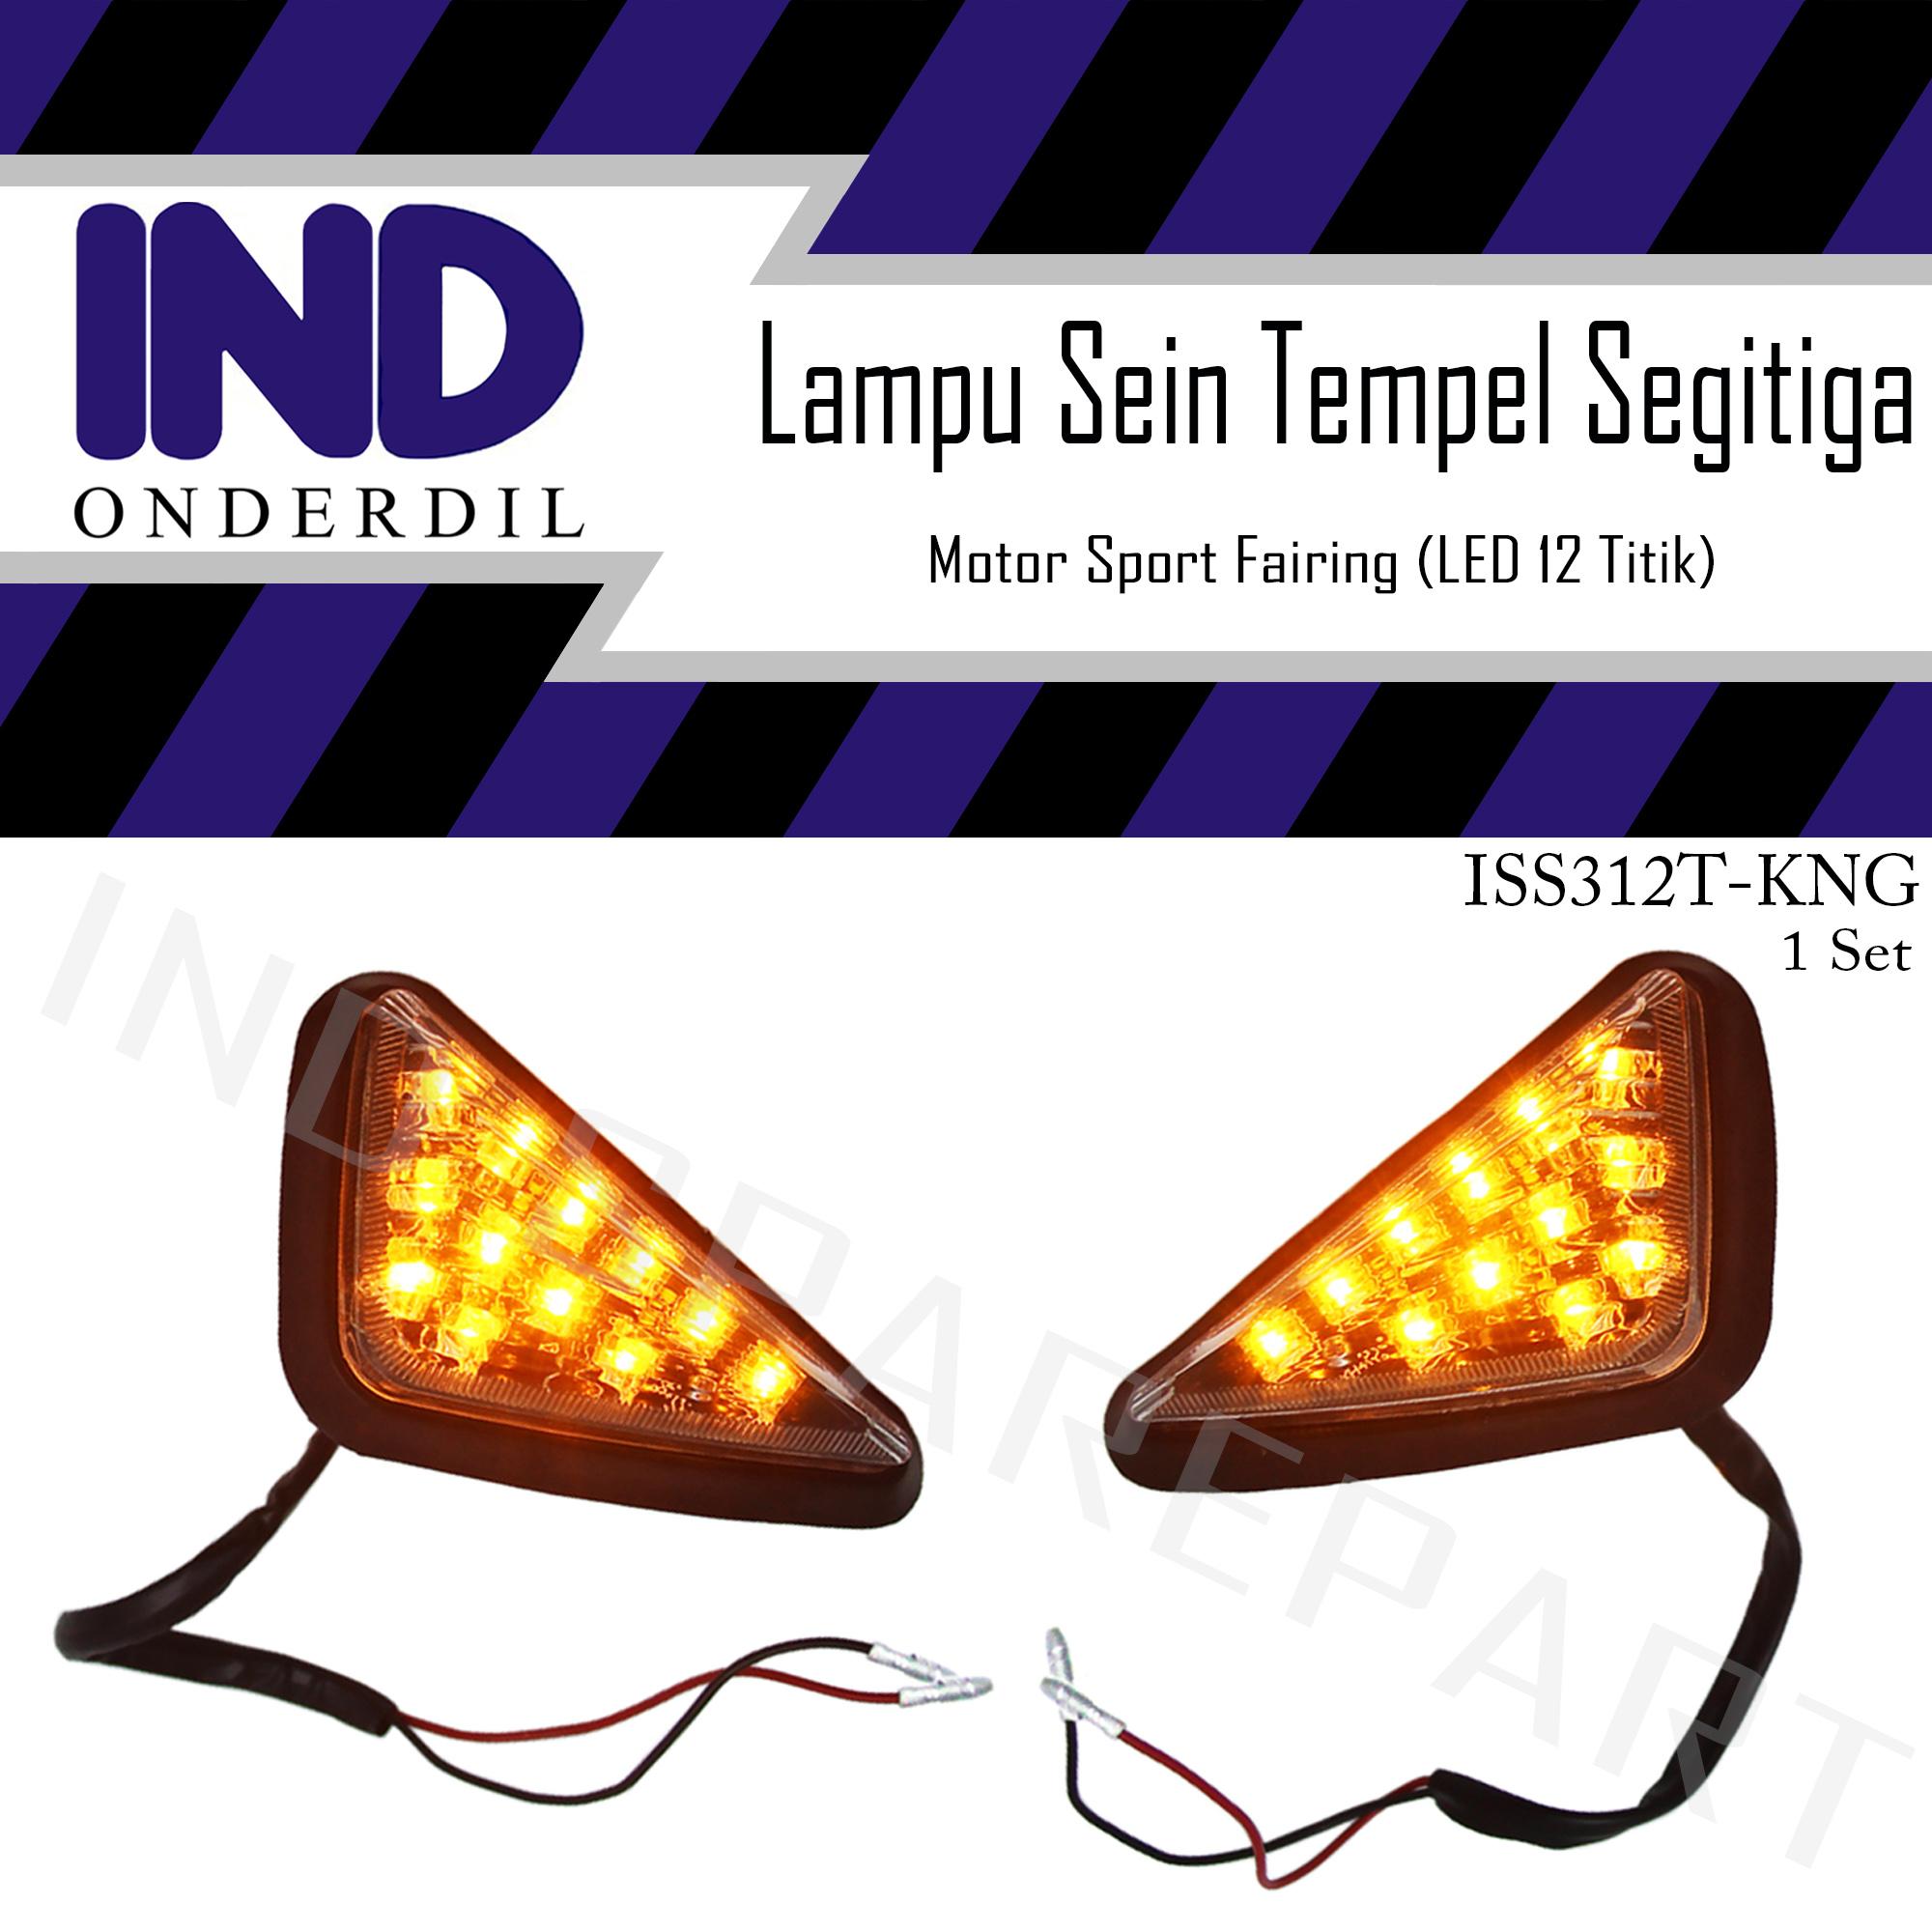 Lampu Sein-Sen-Sign Ritting-Riting-Retting-Reting Tempel Segitiga-Segi Tiga LED Kuning Motor Sport Fairing Ninja 150 R-RR/CBR 150-250/GSX/R15/R25 V1-V2-DLL